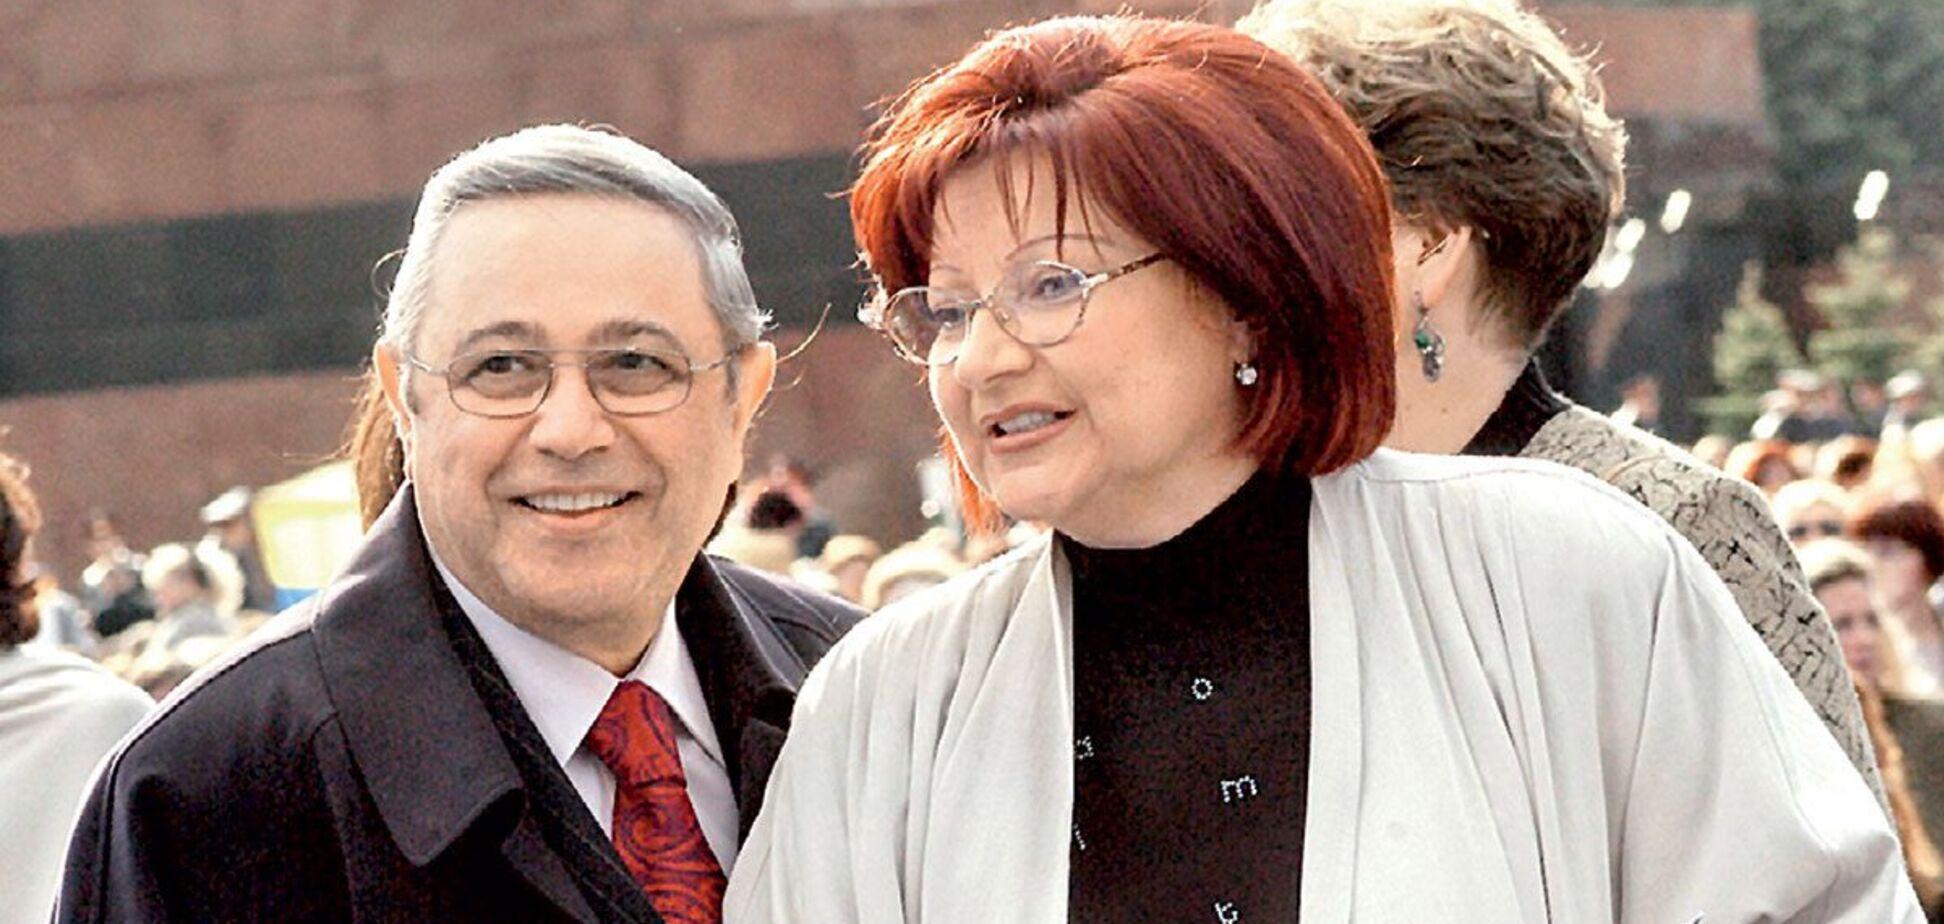 Ексдружина та дочка Петросяна заявили, що його новонароджений син йому не рідний: вони вимагають тест ДНК